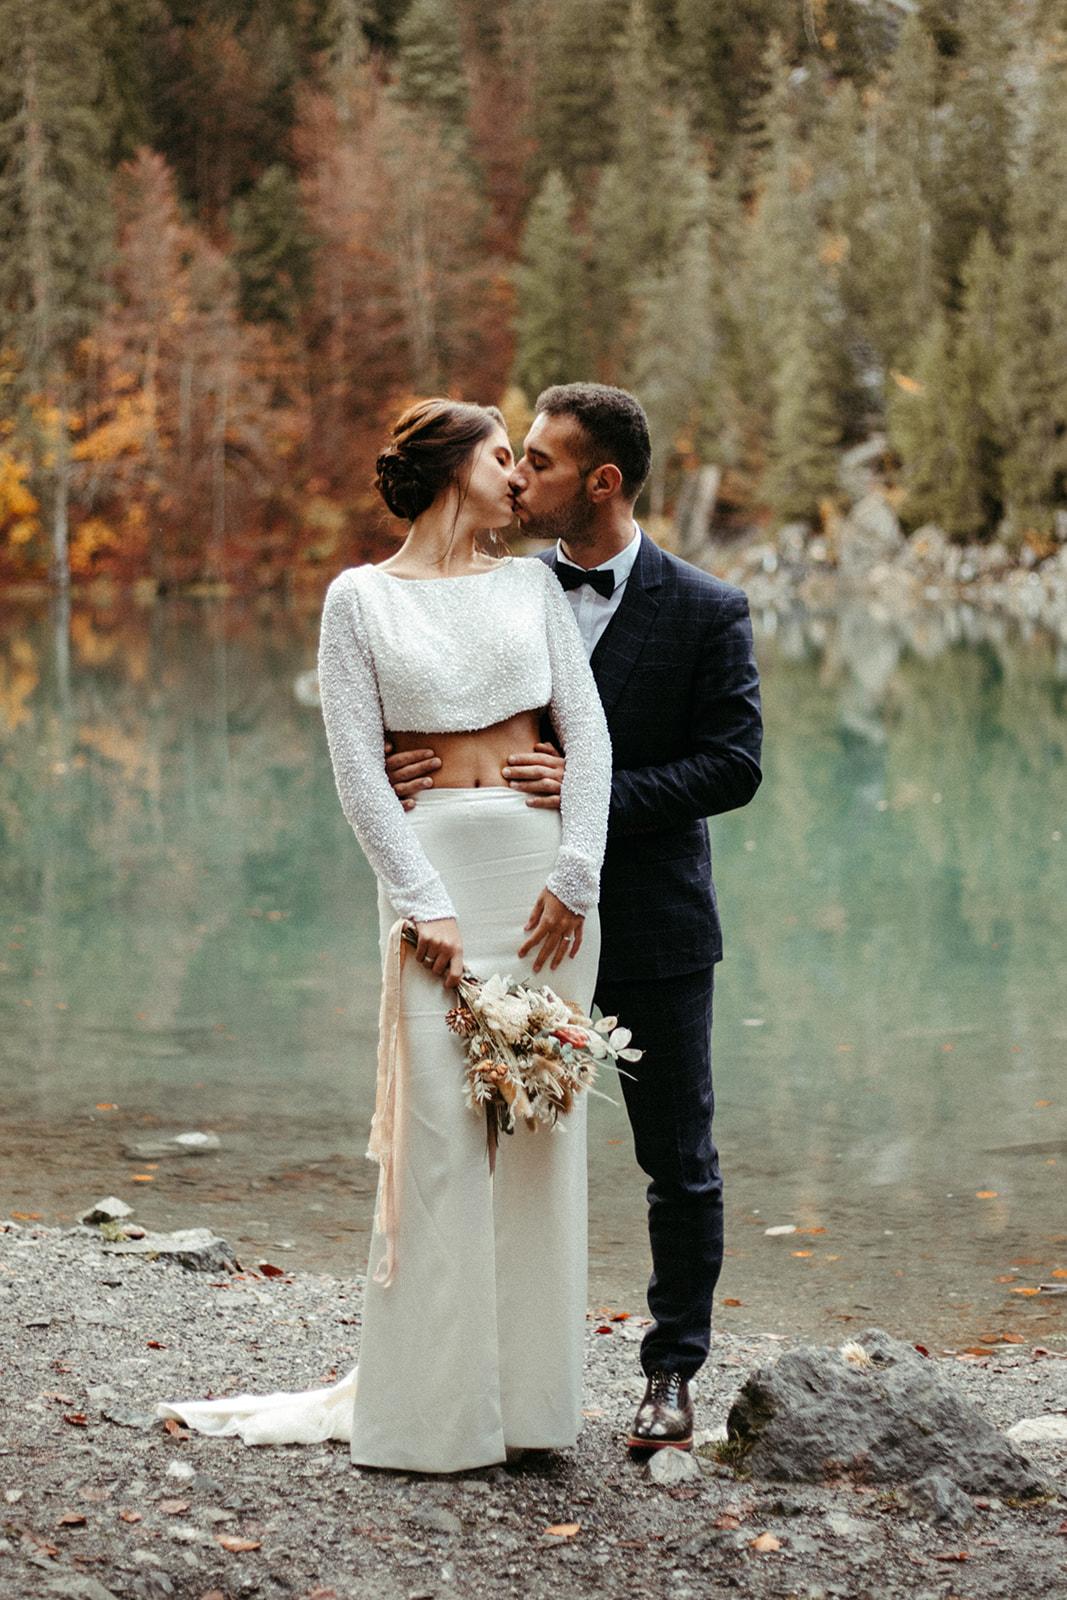 UtopicLovers film photo Mariage Elopement 2019 148 1 - Un elopement entre lac émeraude et forêt de sapins à Chamonix.